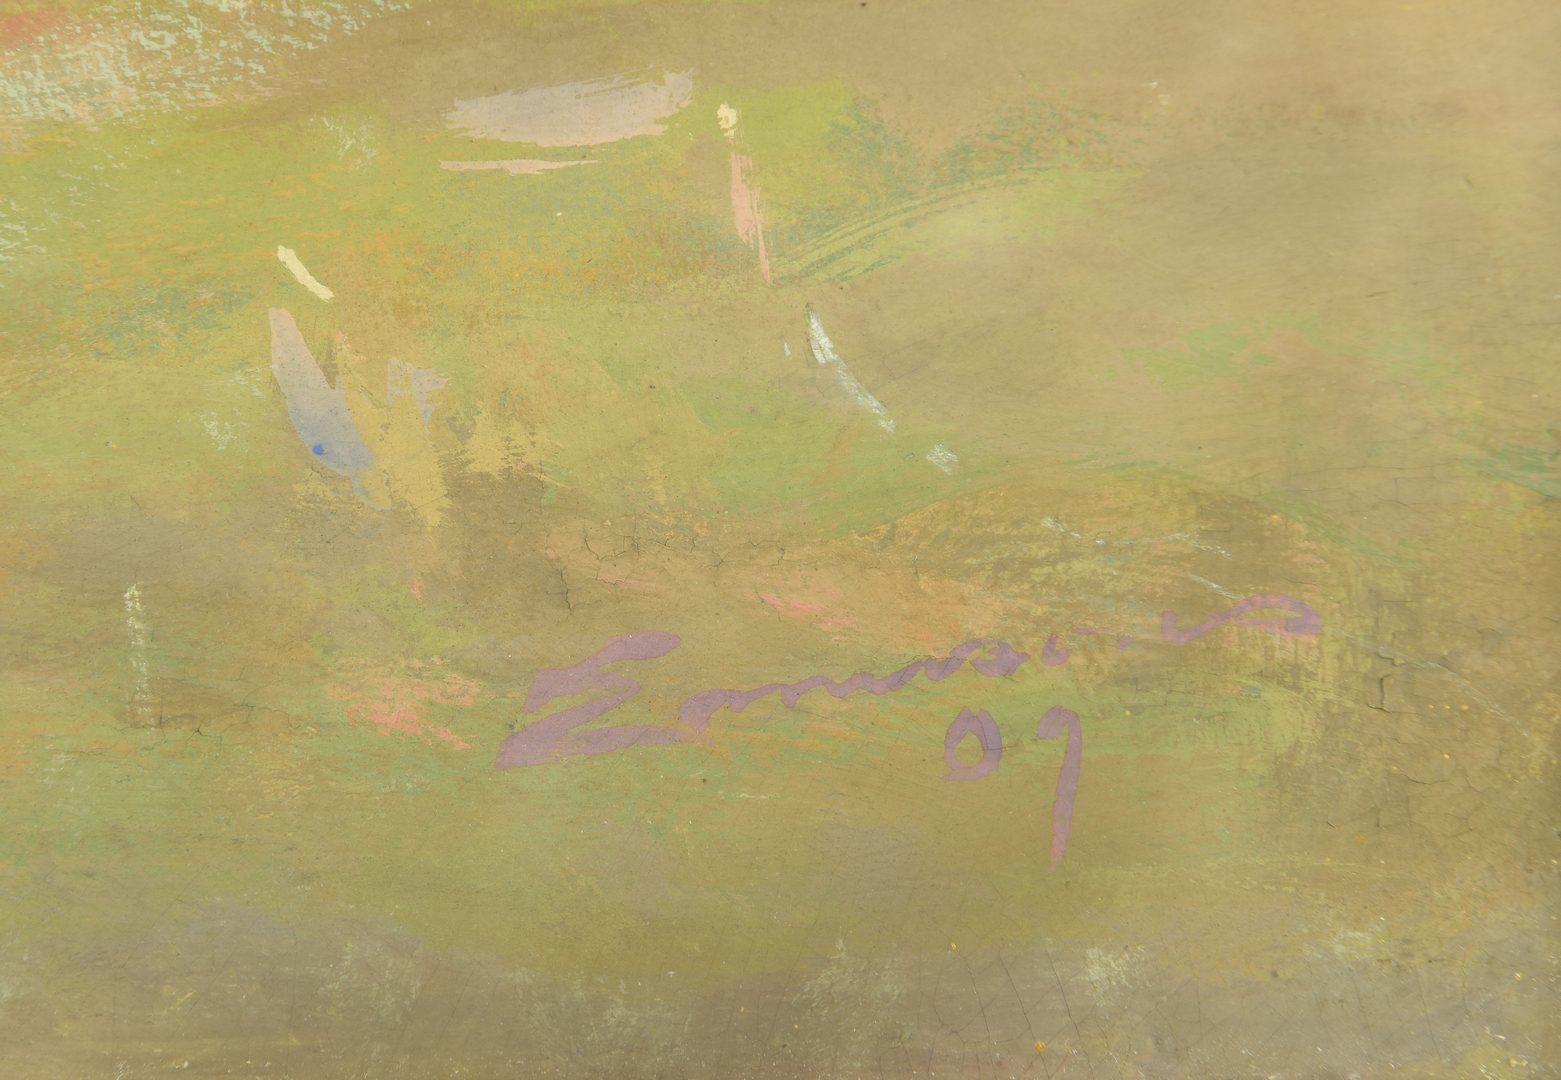 Lot 163: William C. Emerson landscape, tempera on board